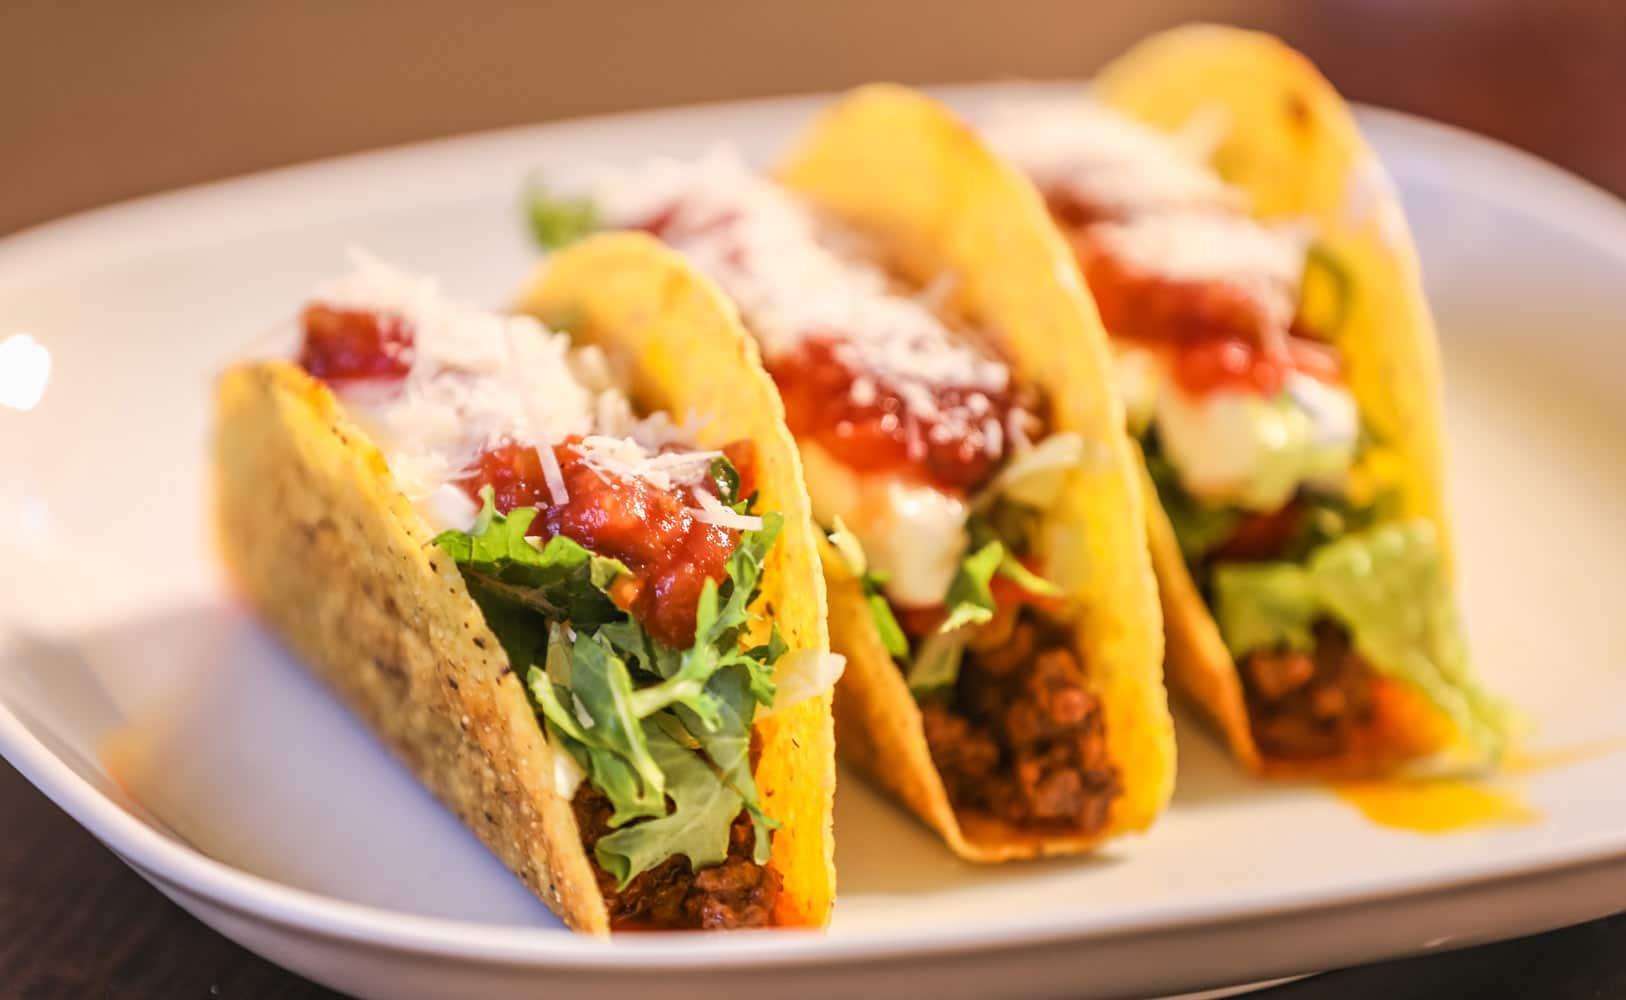 Tacos di carne con salsa pico de gallo al barbecue